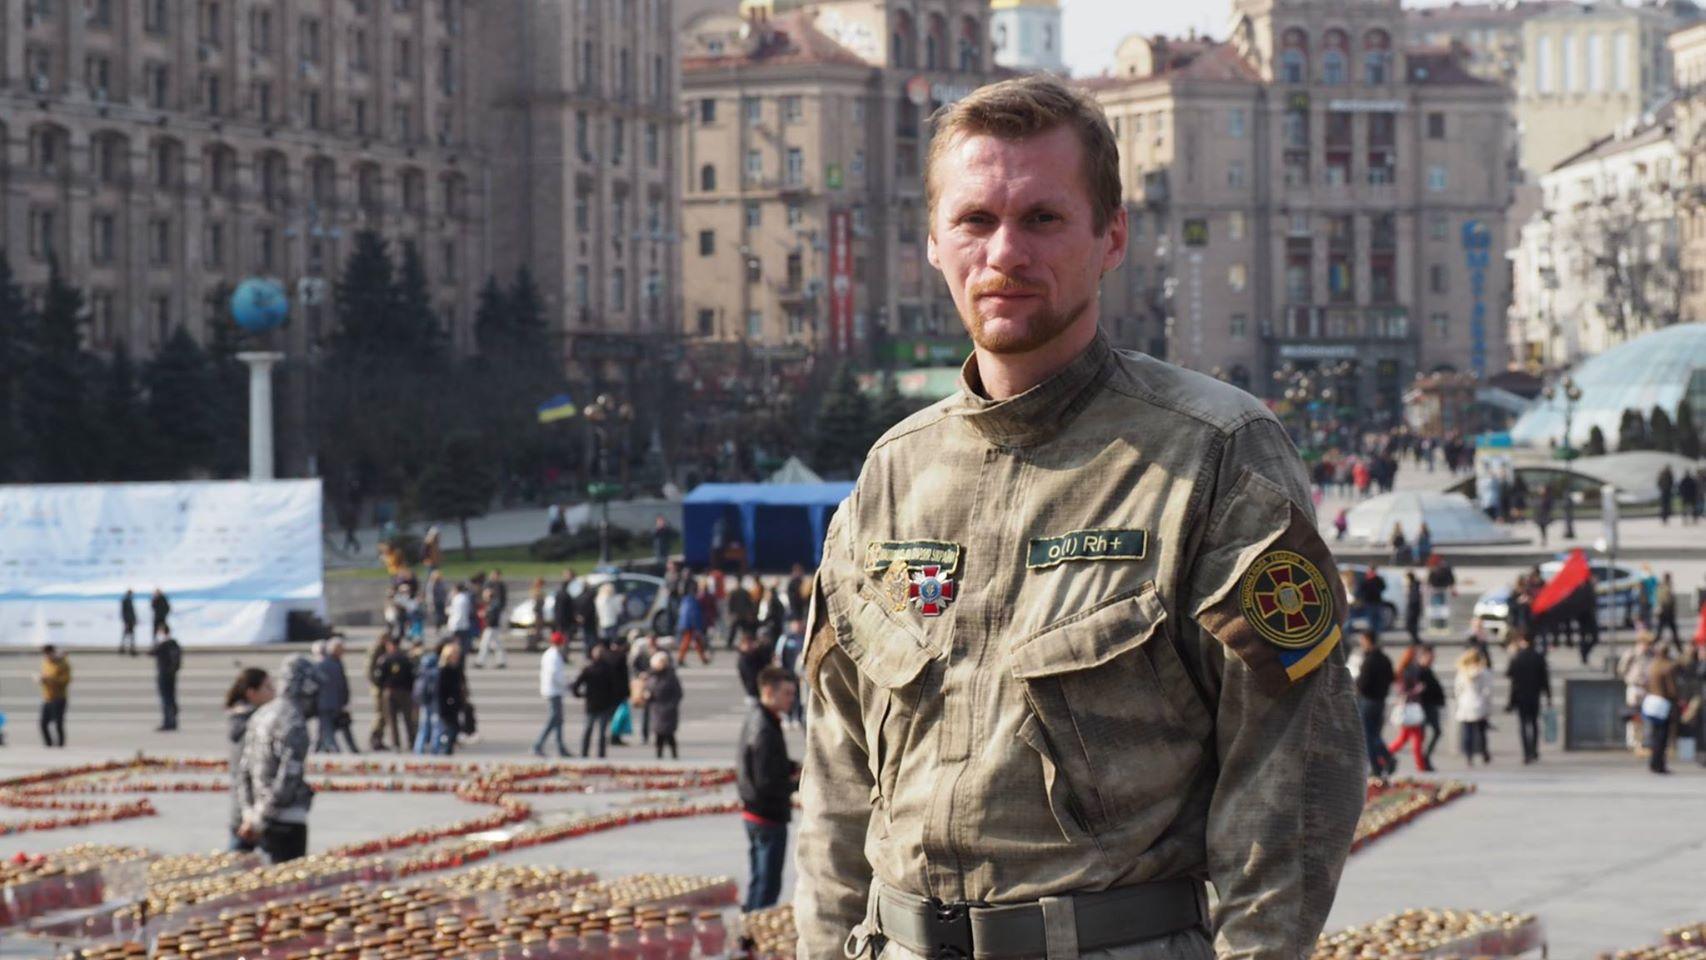 WOLNY CZYN: Na Ukrainie pana Skrzetuskiego nowe przypadki